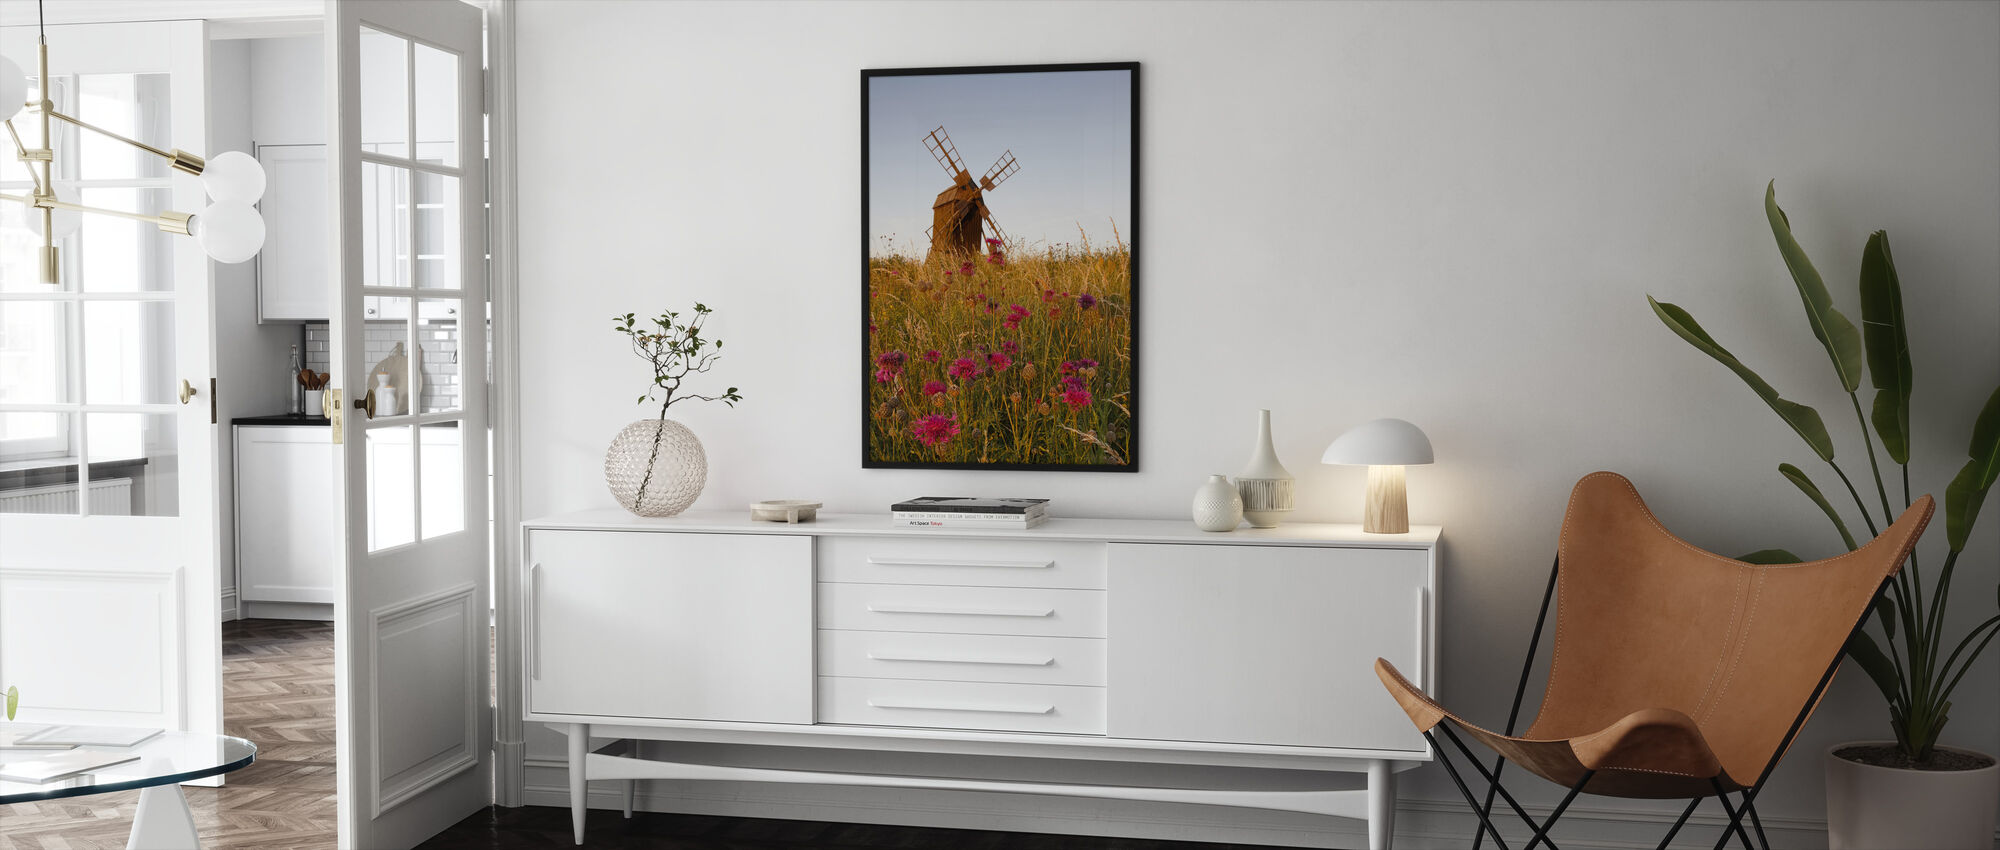 Rakeinen tuulimylly - Kehystetty kuva - Olohuone